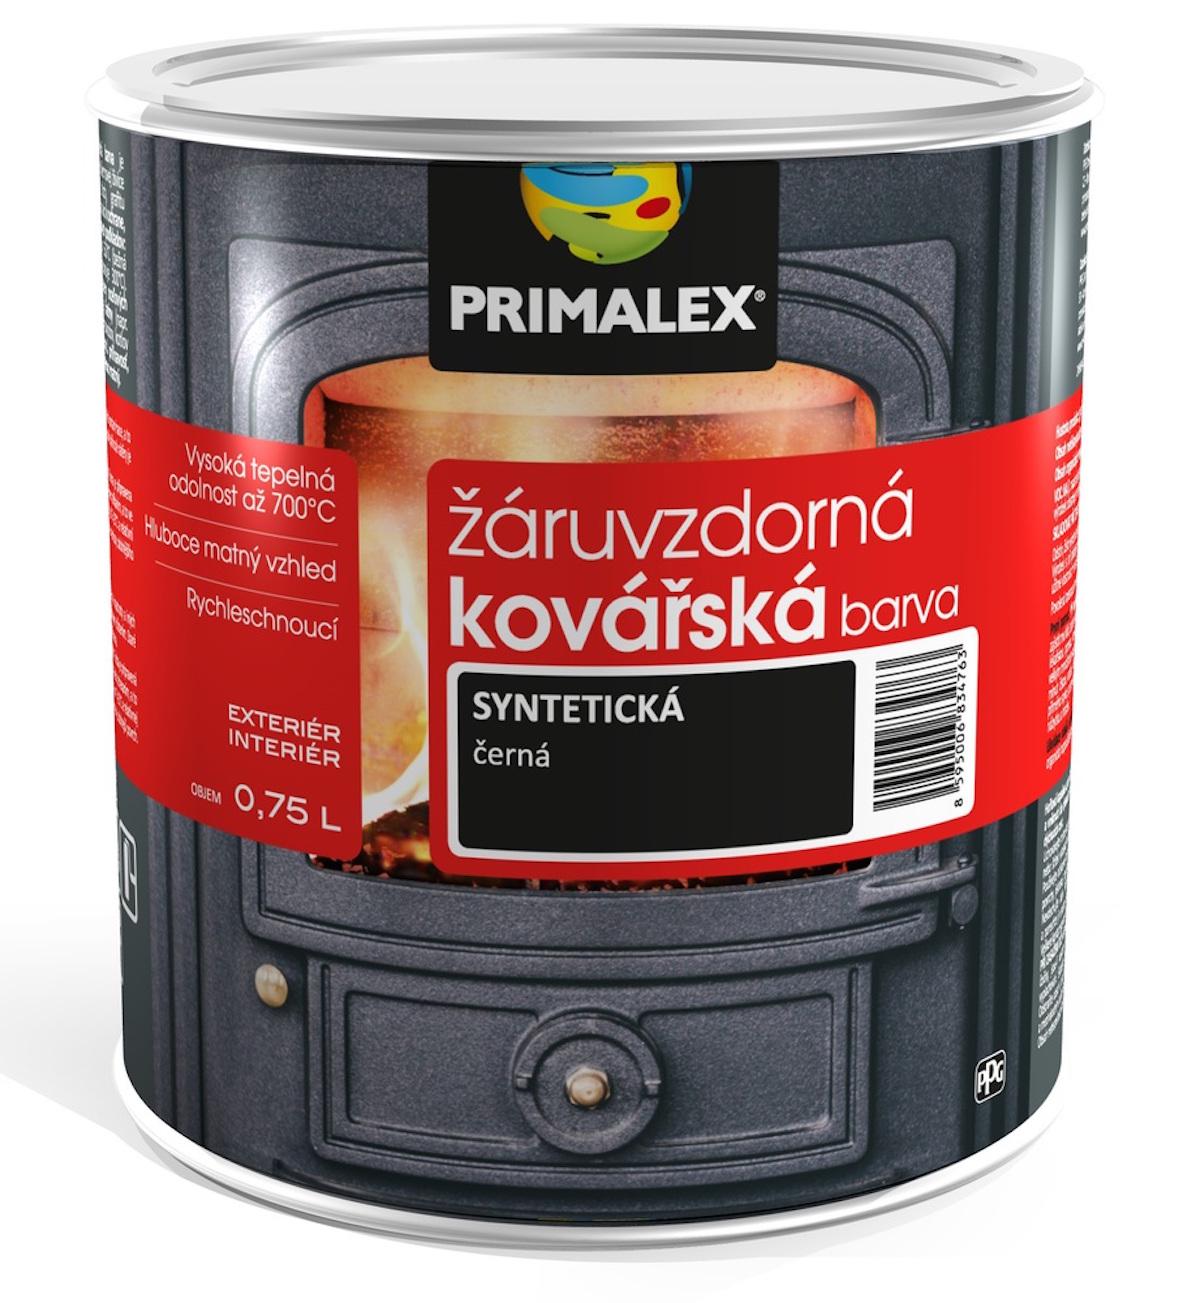 Primalex_zaruvzdorna_kovarska_barva